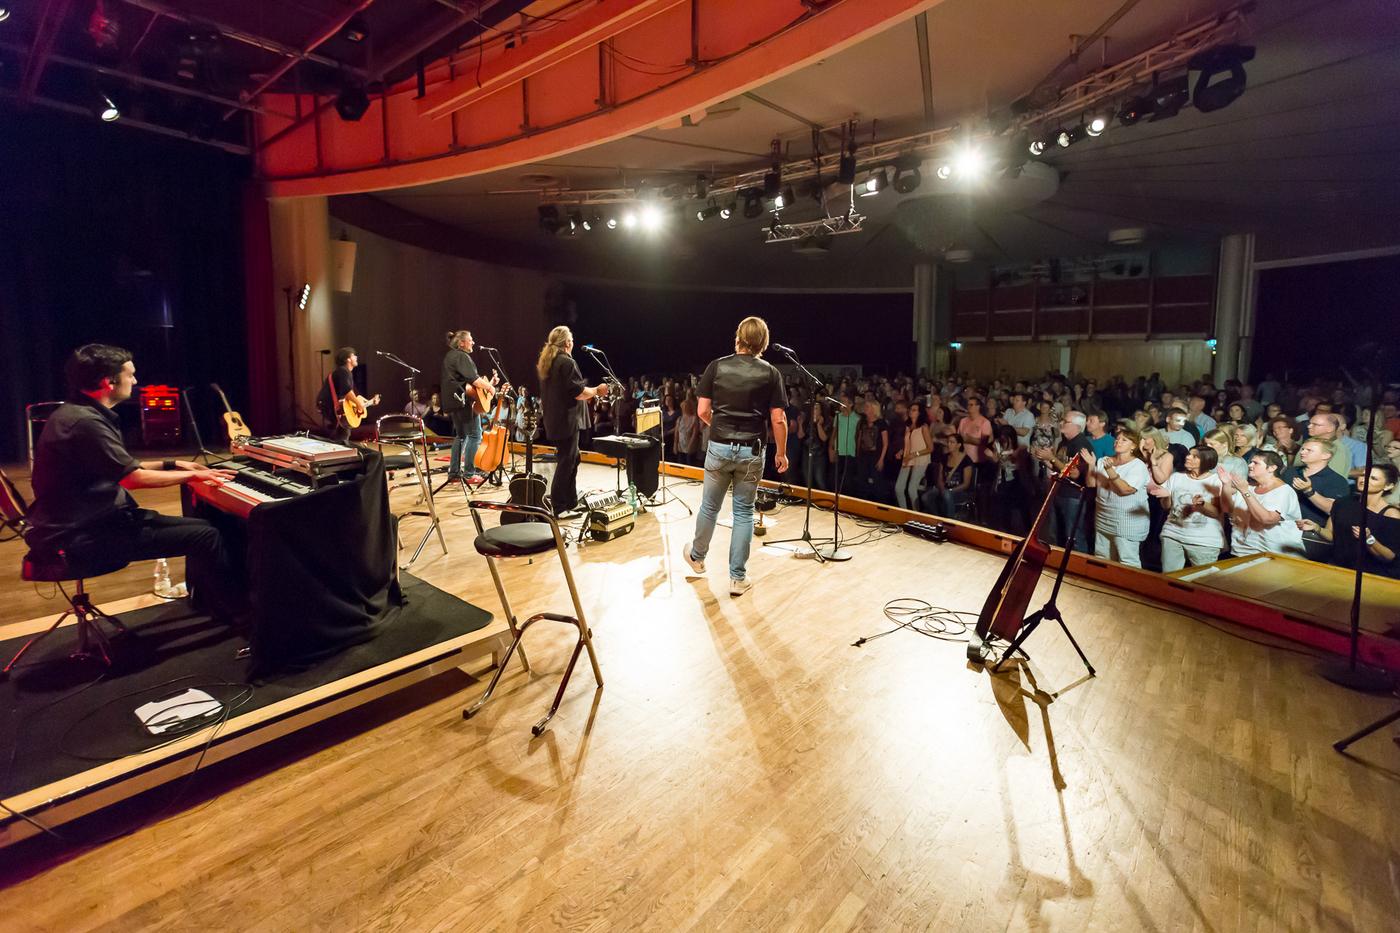 Bühne der Kürnberghalle mit Holzboden und drei Musikern